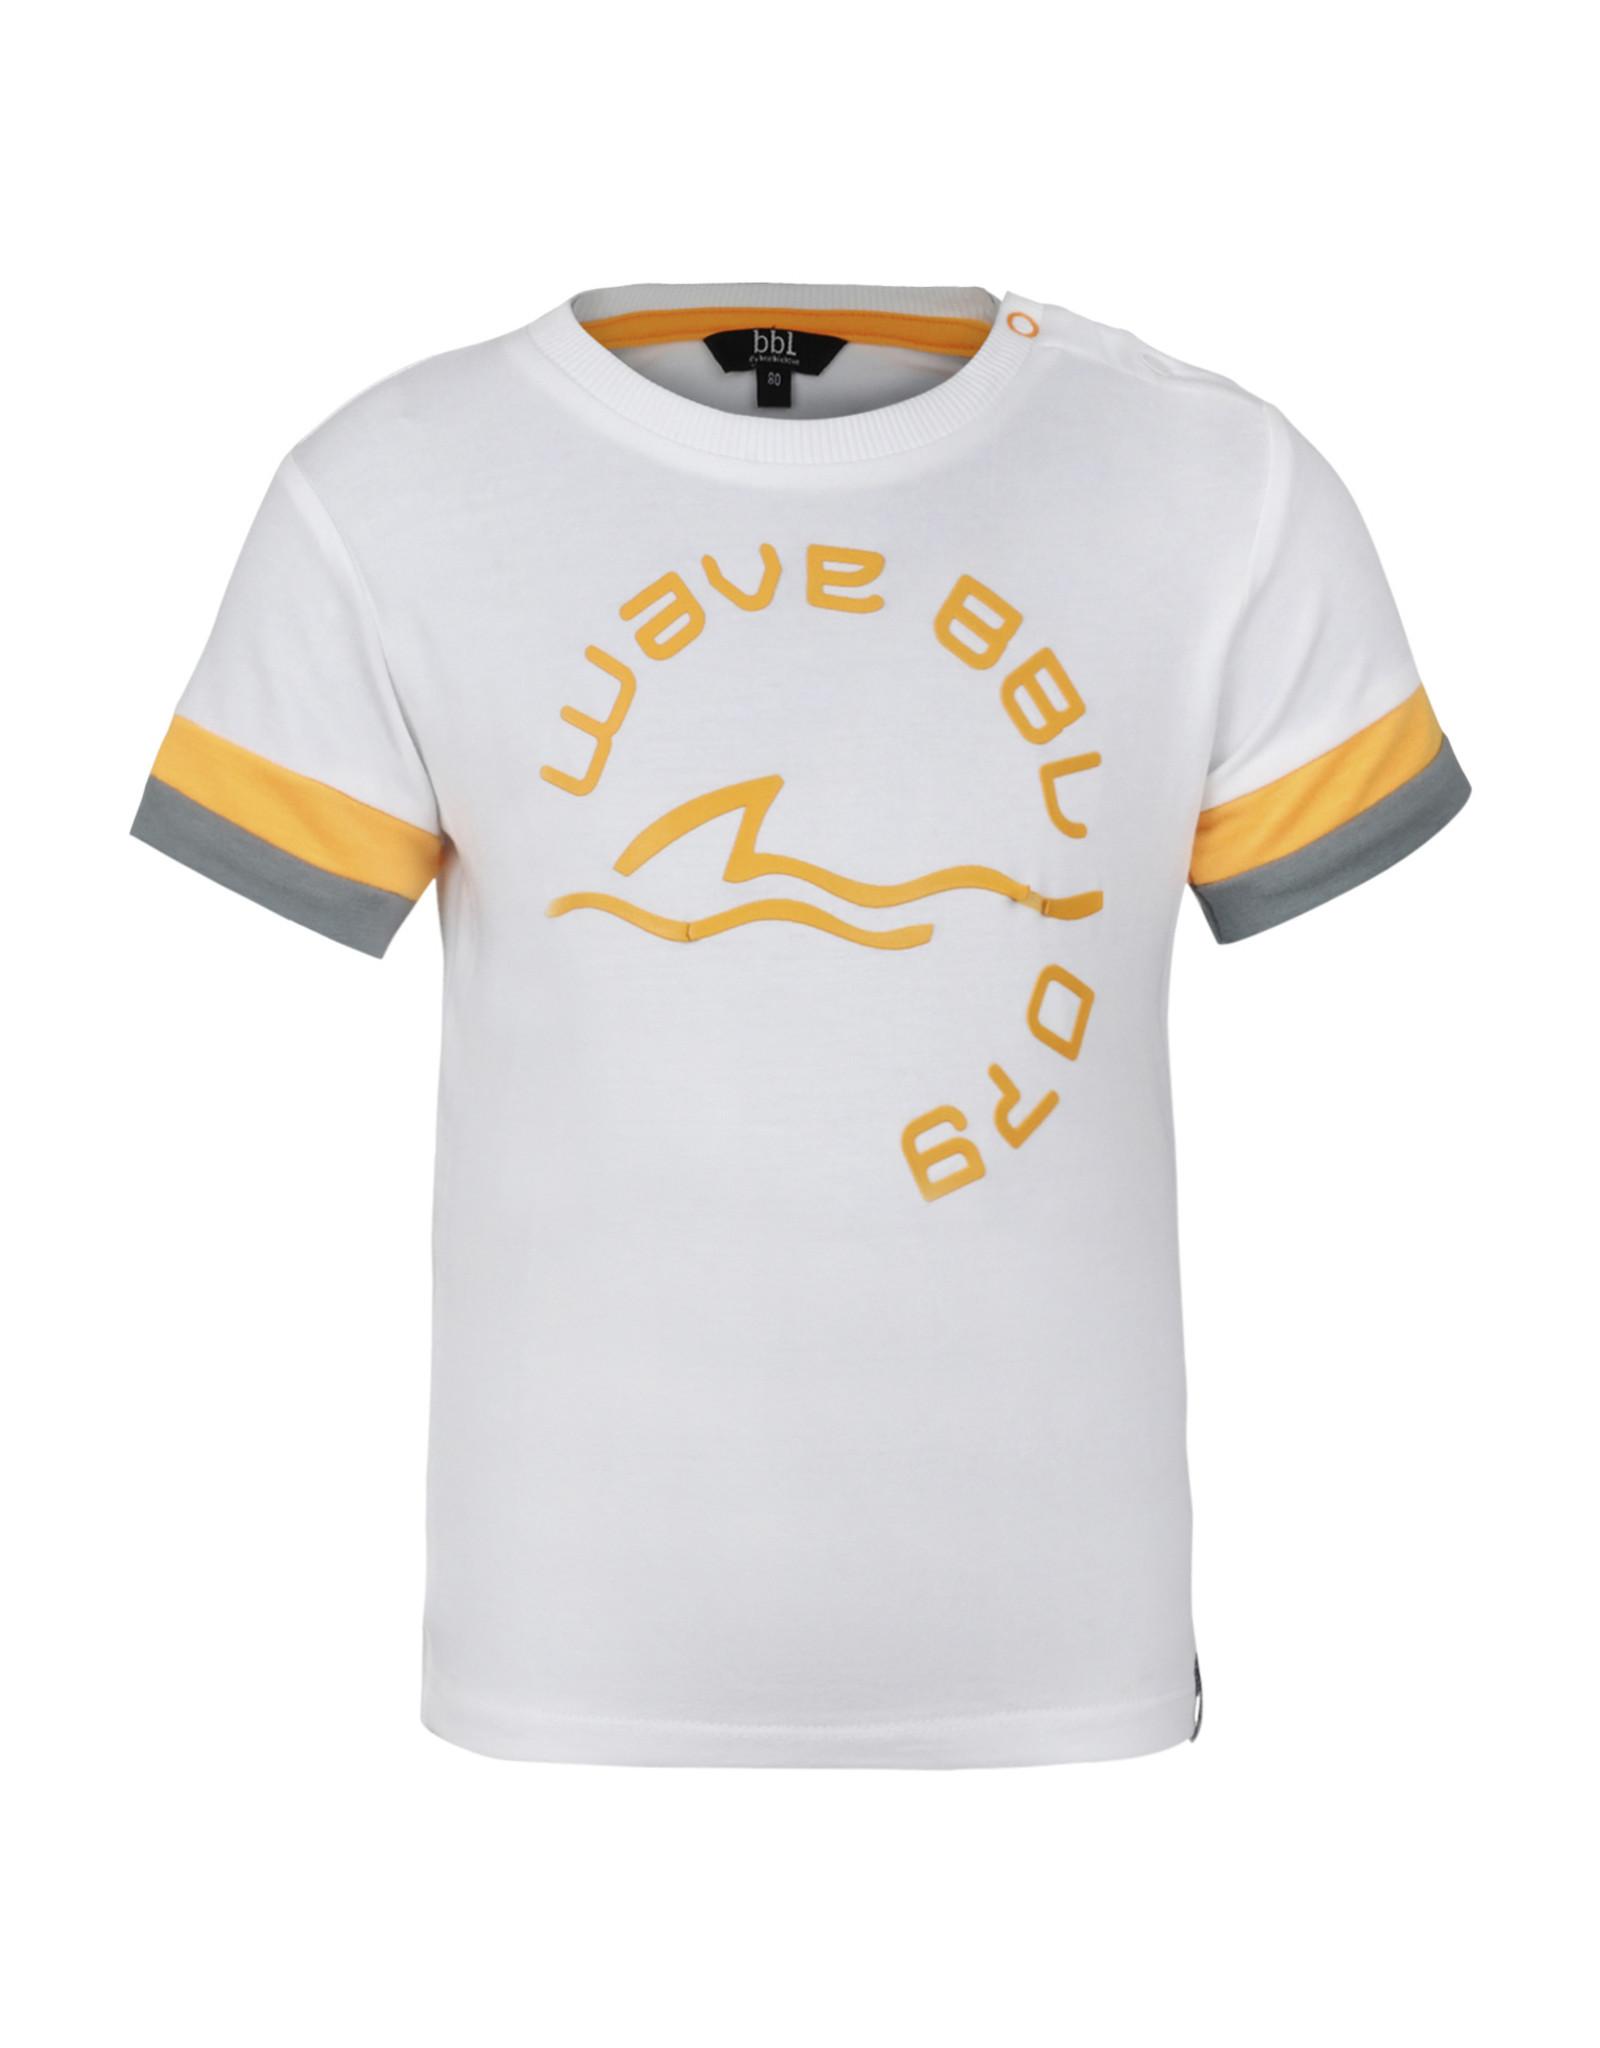 Beebielove T-shirt, WHT, 15-2604